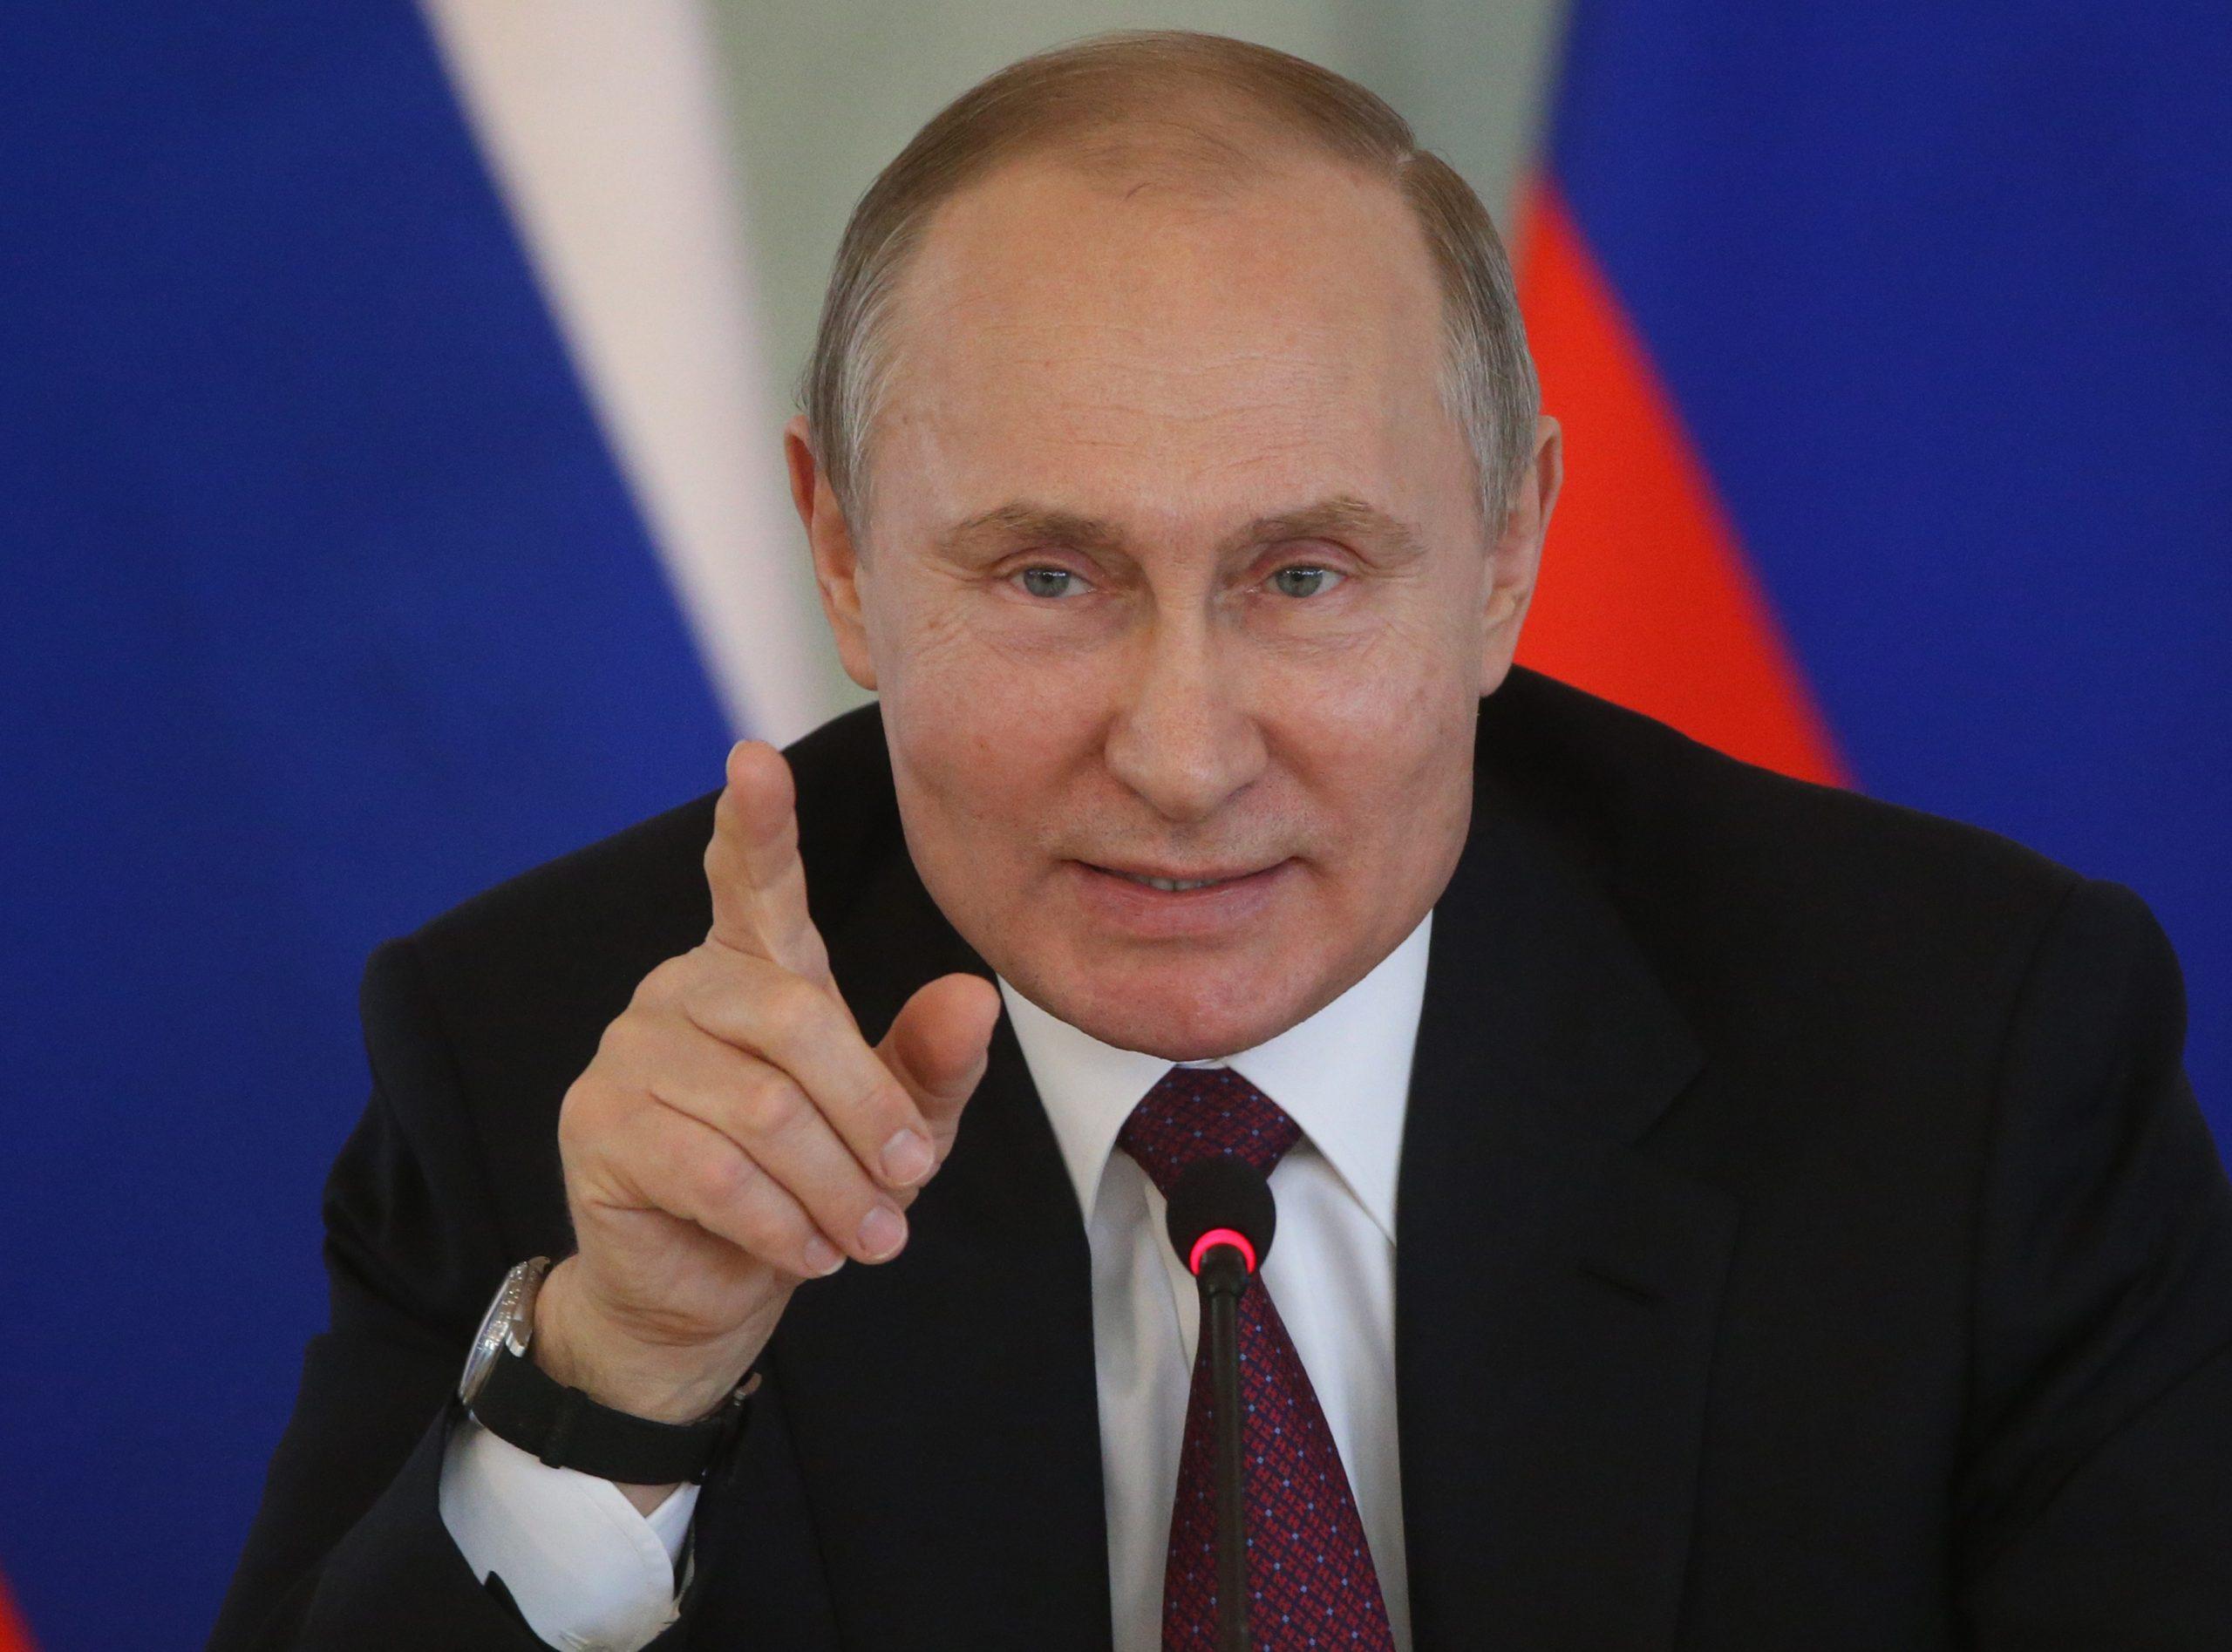 Պուտինը զգուշացնում է Ռուսաստանի թշնամիներին... Մեզ մտահոգում է մի բան՝ չմրսել ձեր թաղման ժամանակ